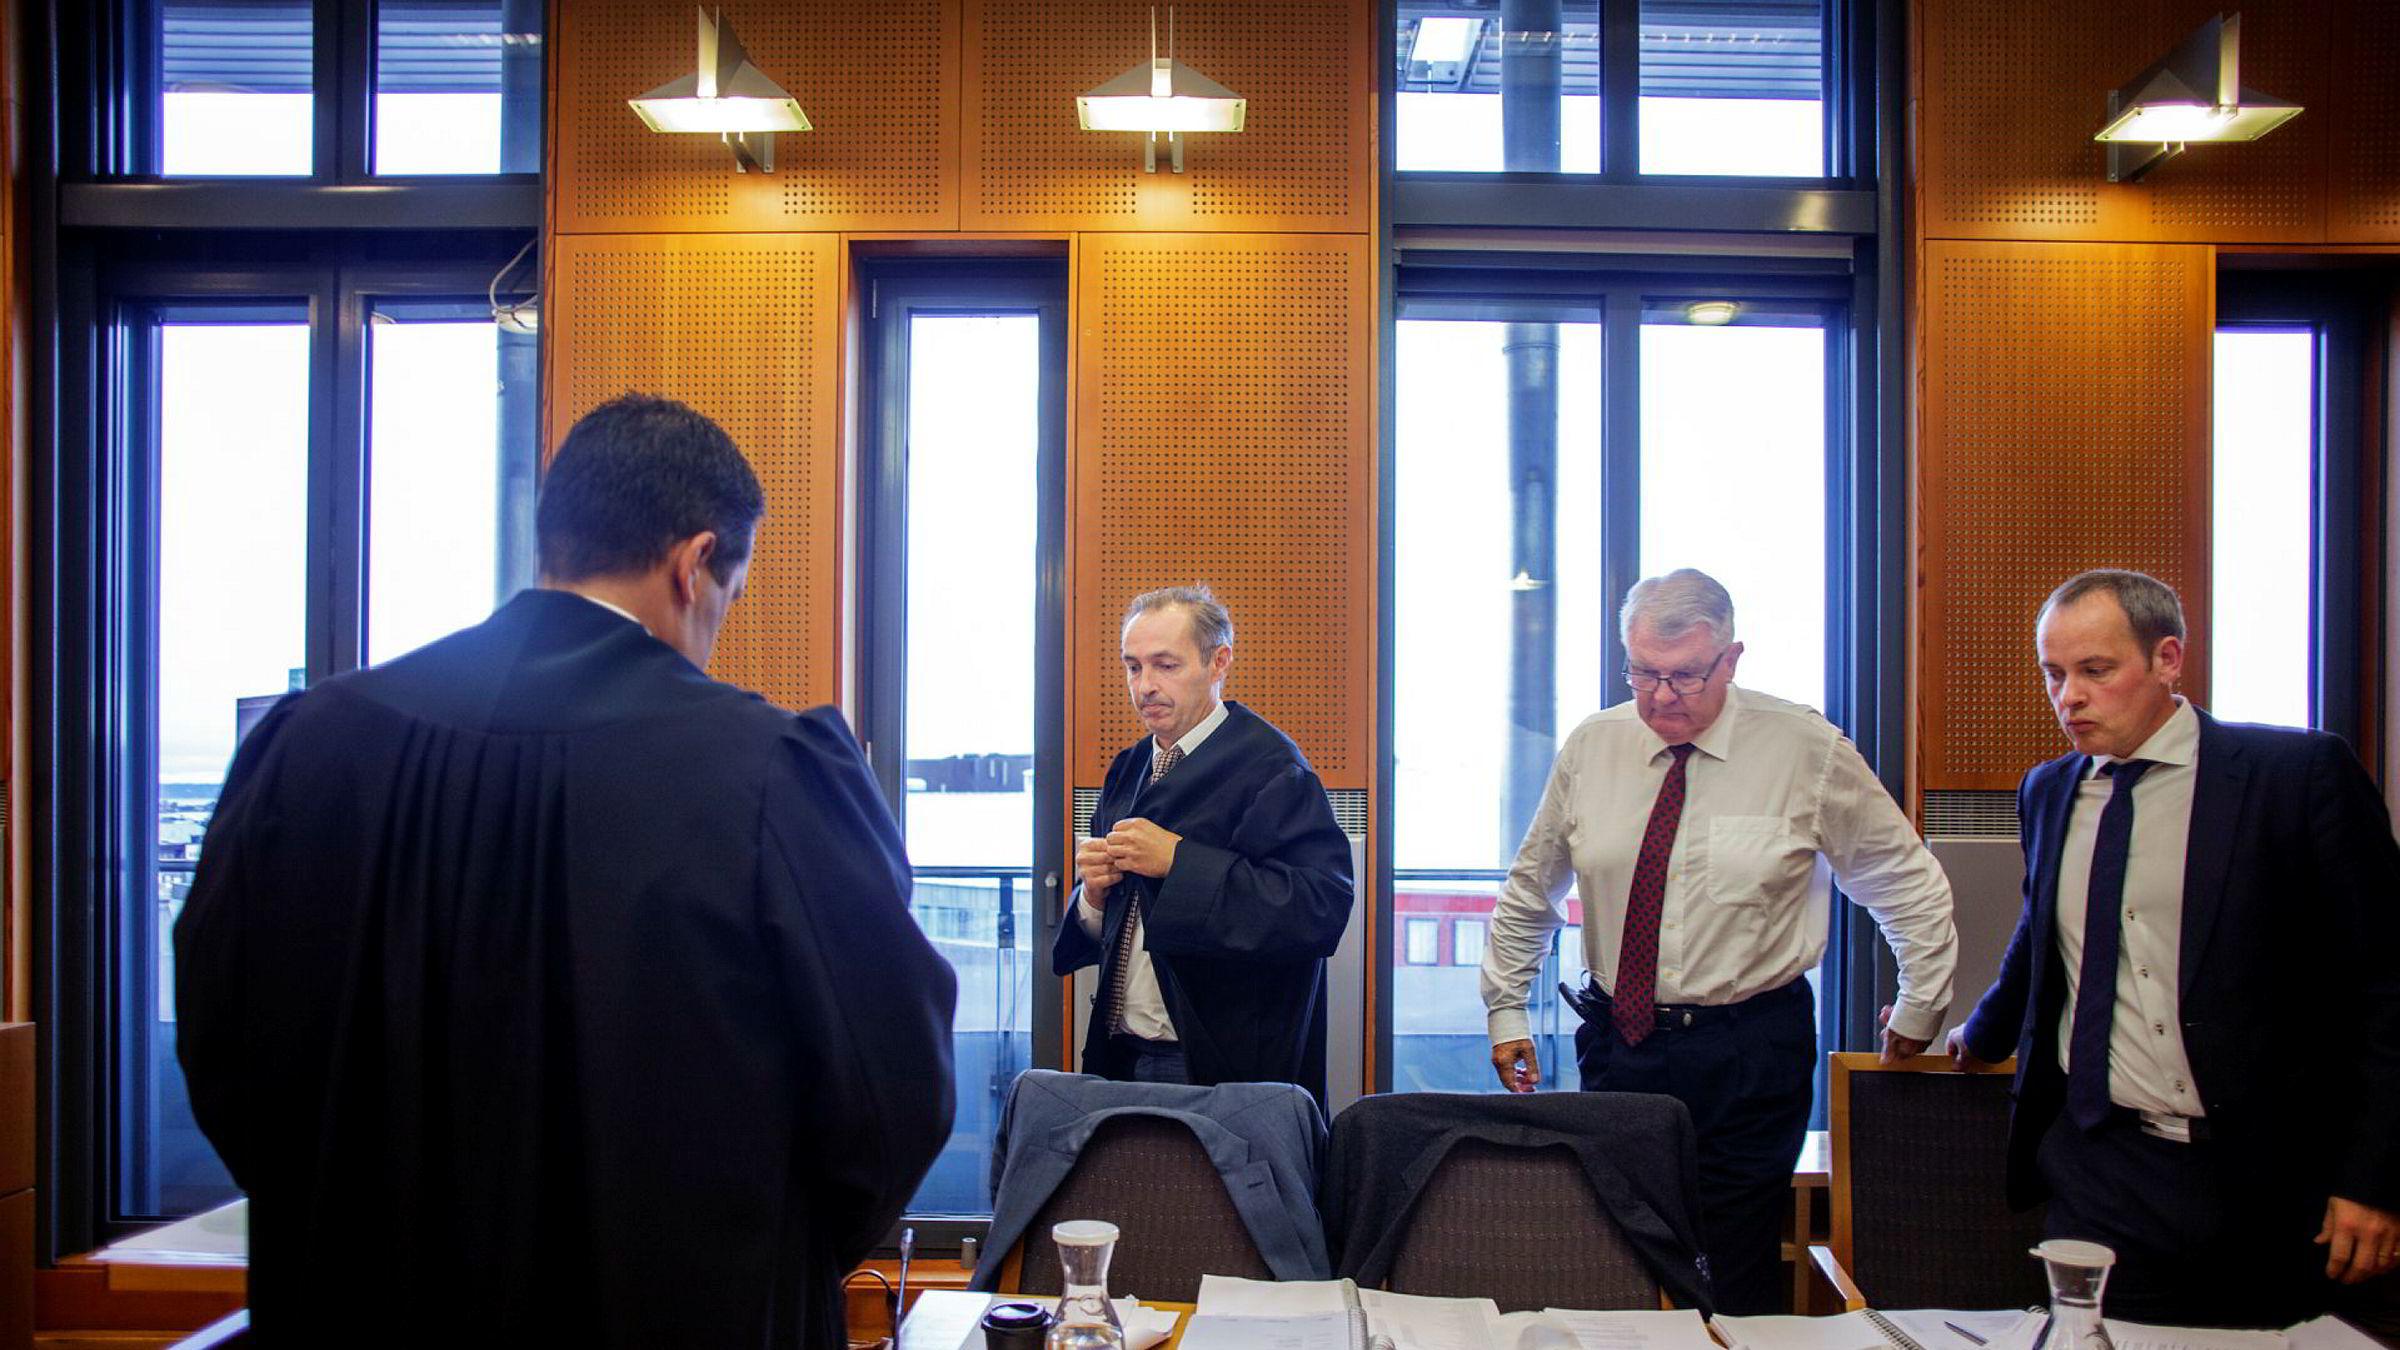 Skeie-siden fikk fullt gjennomslag i Oslo tingrett. Skeies advokater Fred Arthur Andersen (med ryggen til) og Kyrre Eggen i CLP er her sammen med styreleder Geir Worum og finansdirektør Bernhard Hovden i Skeie Technology i retten i oktober.